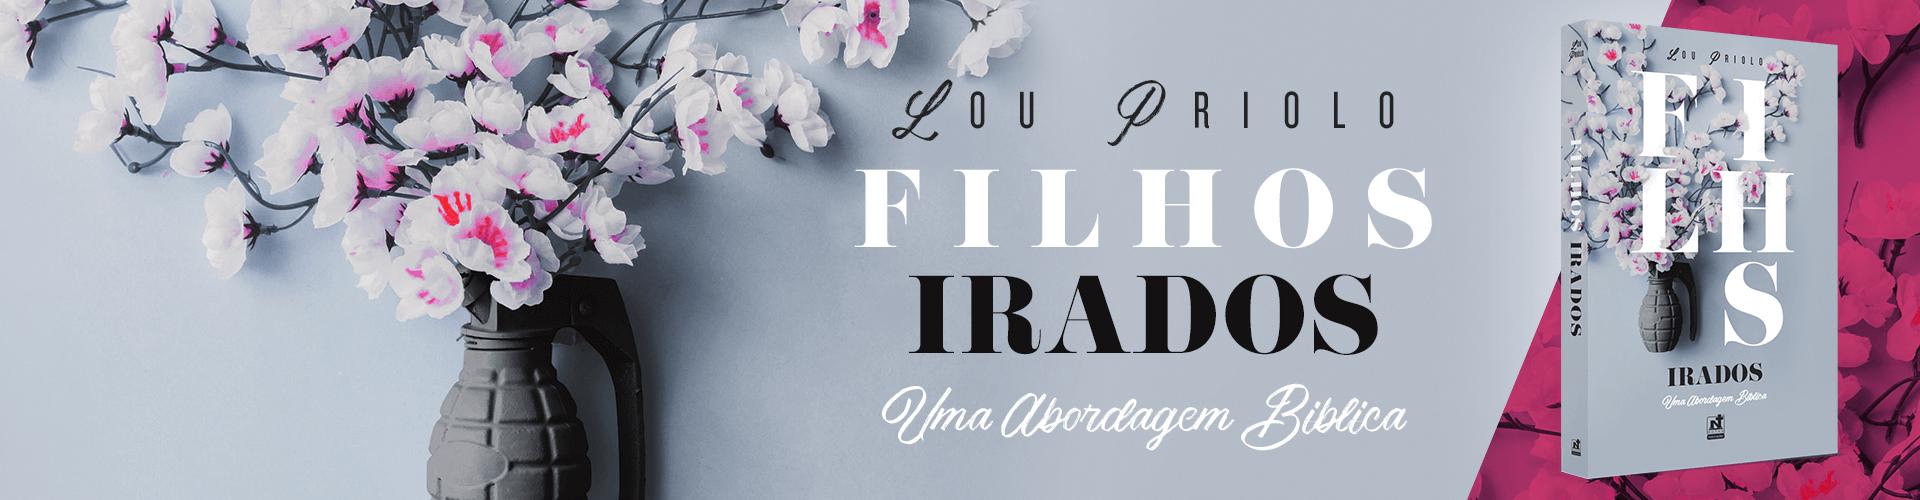 FILHOS IRADOS - UMA ABORDAGEM B�BLICA